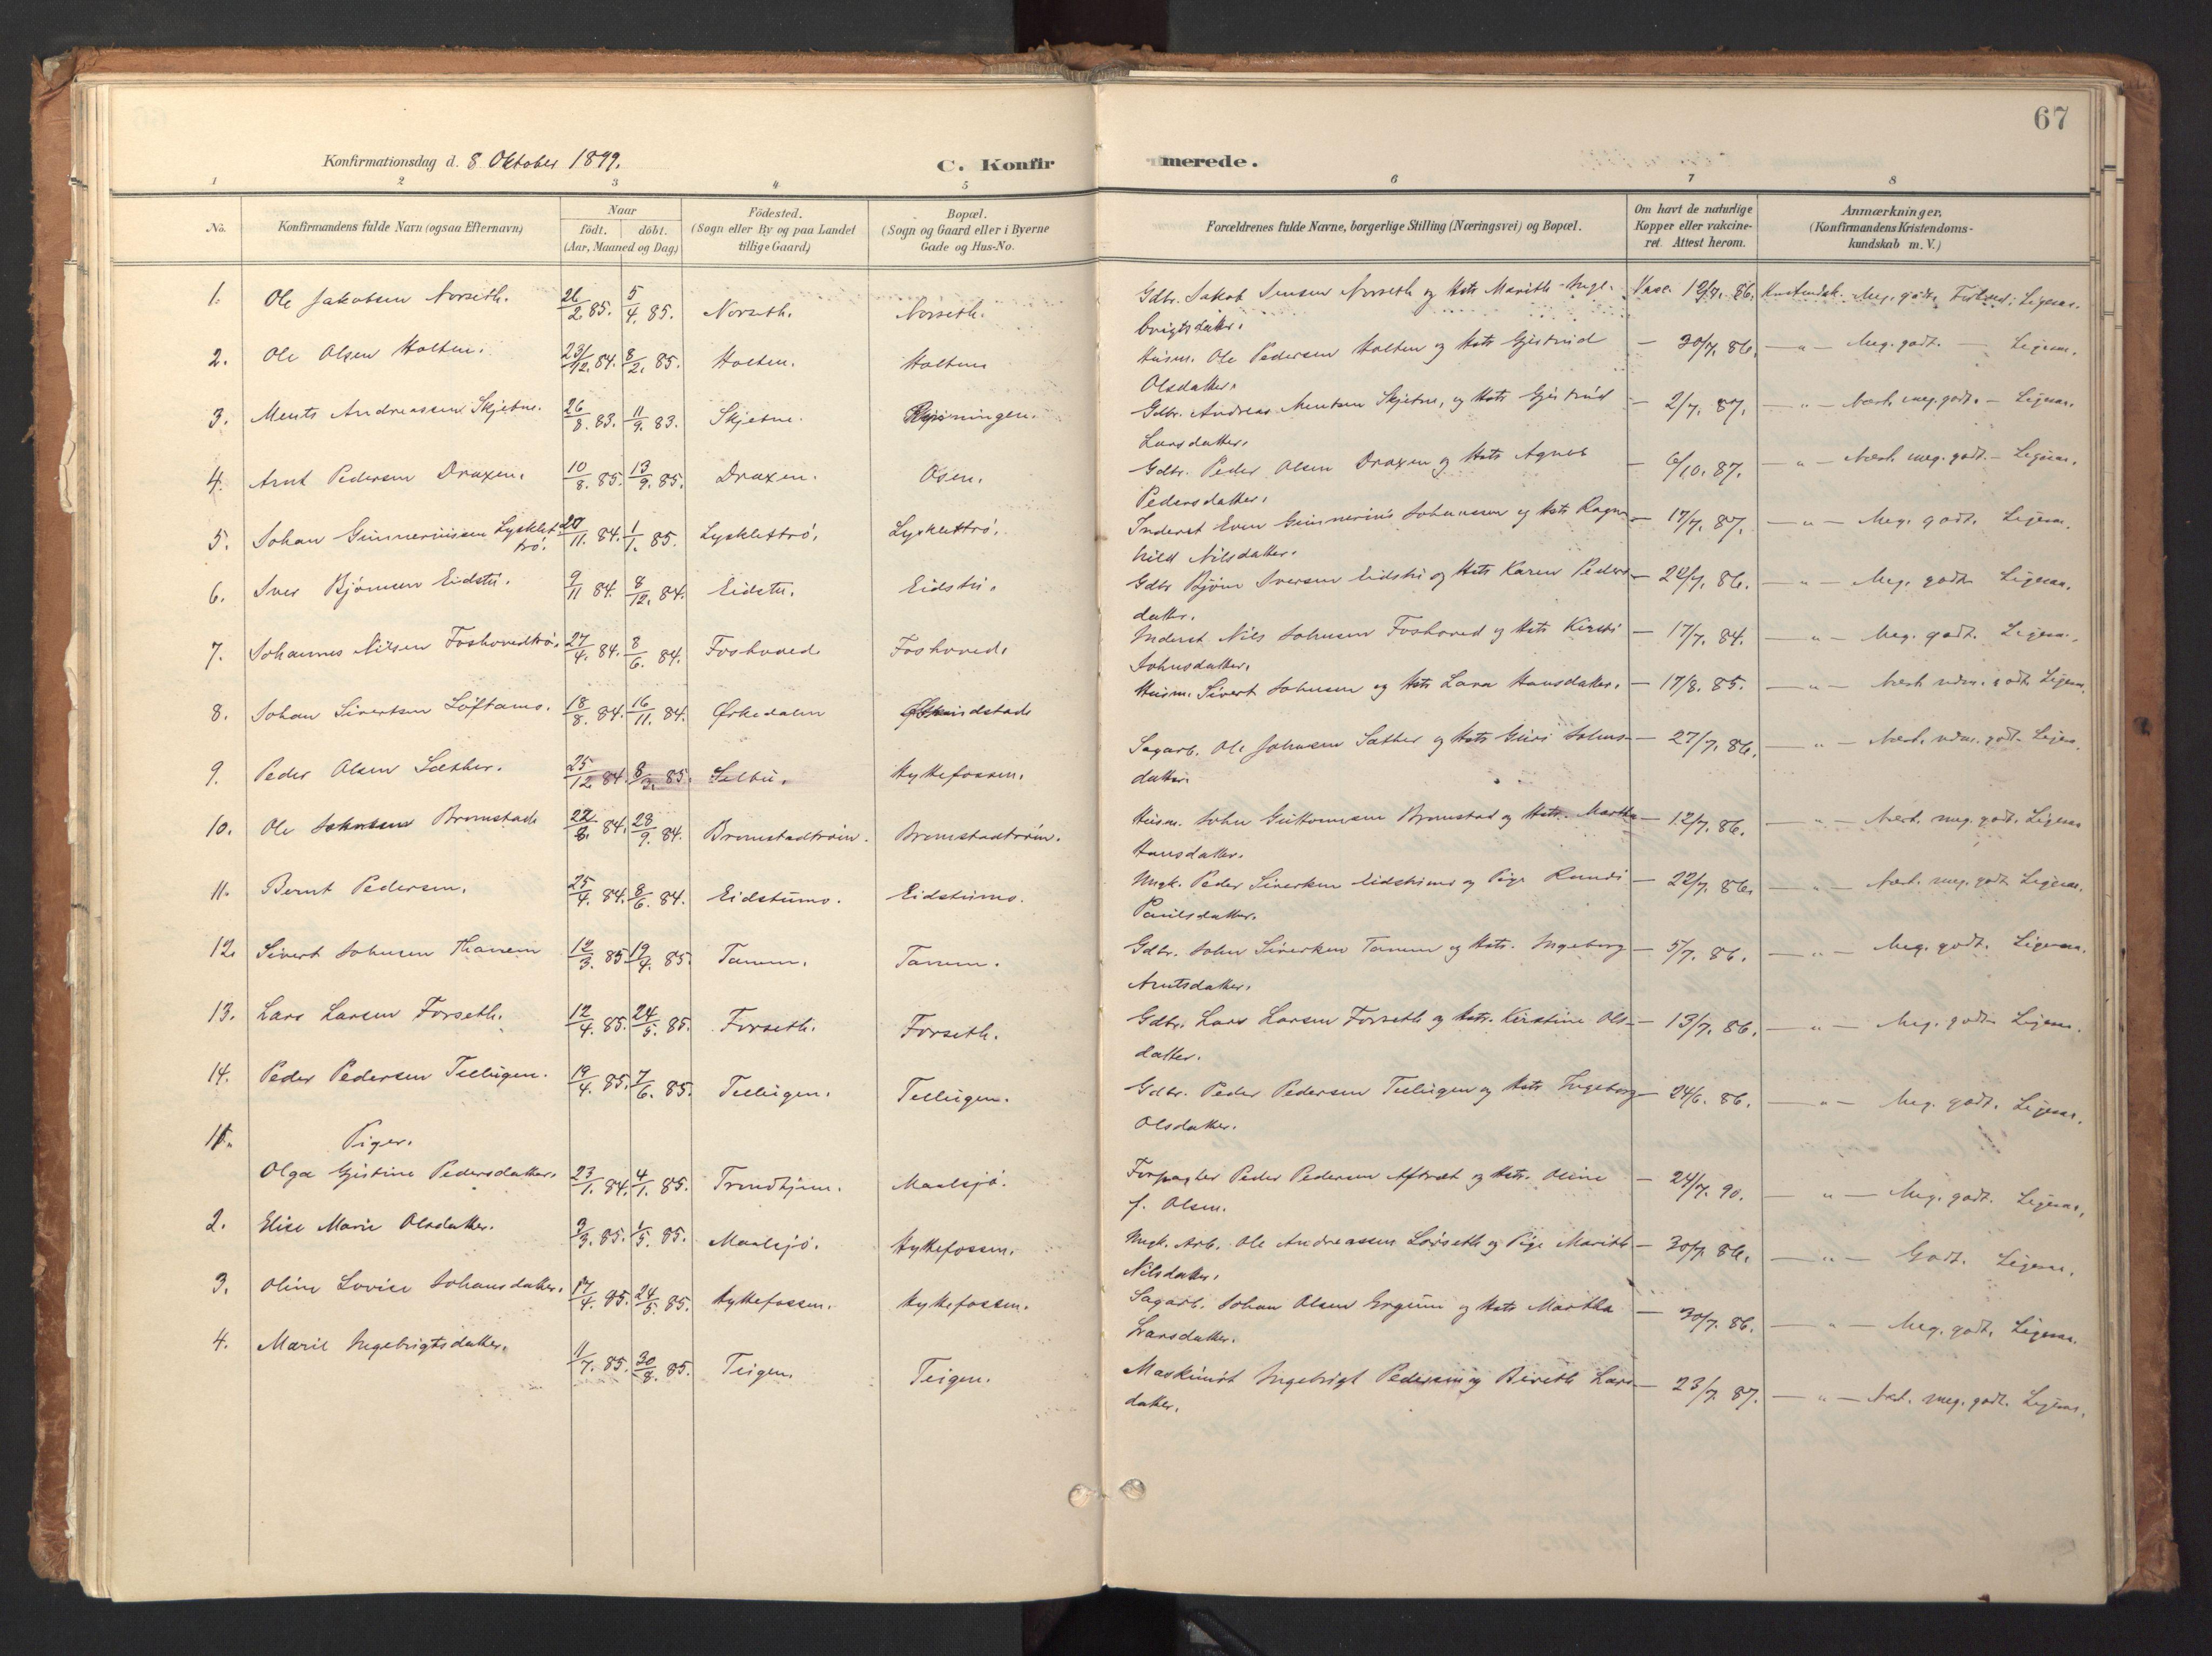 SAT, Ministerialprotokoller, klokkerbøker og fødselsregistre - Sør-Trøndelag, 618/L0448: Ministerialbok nr. 618A11, 1898-1916, s. 67